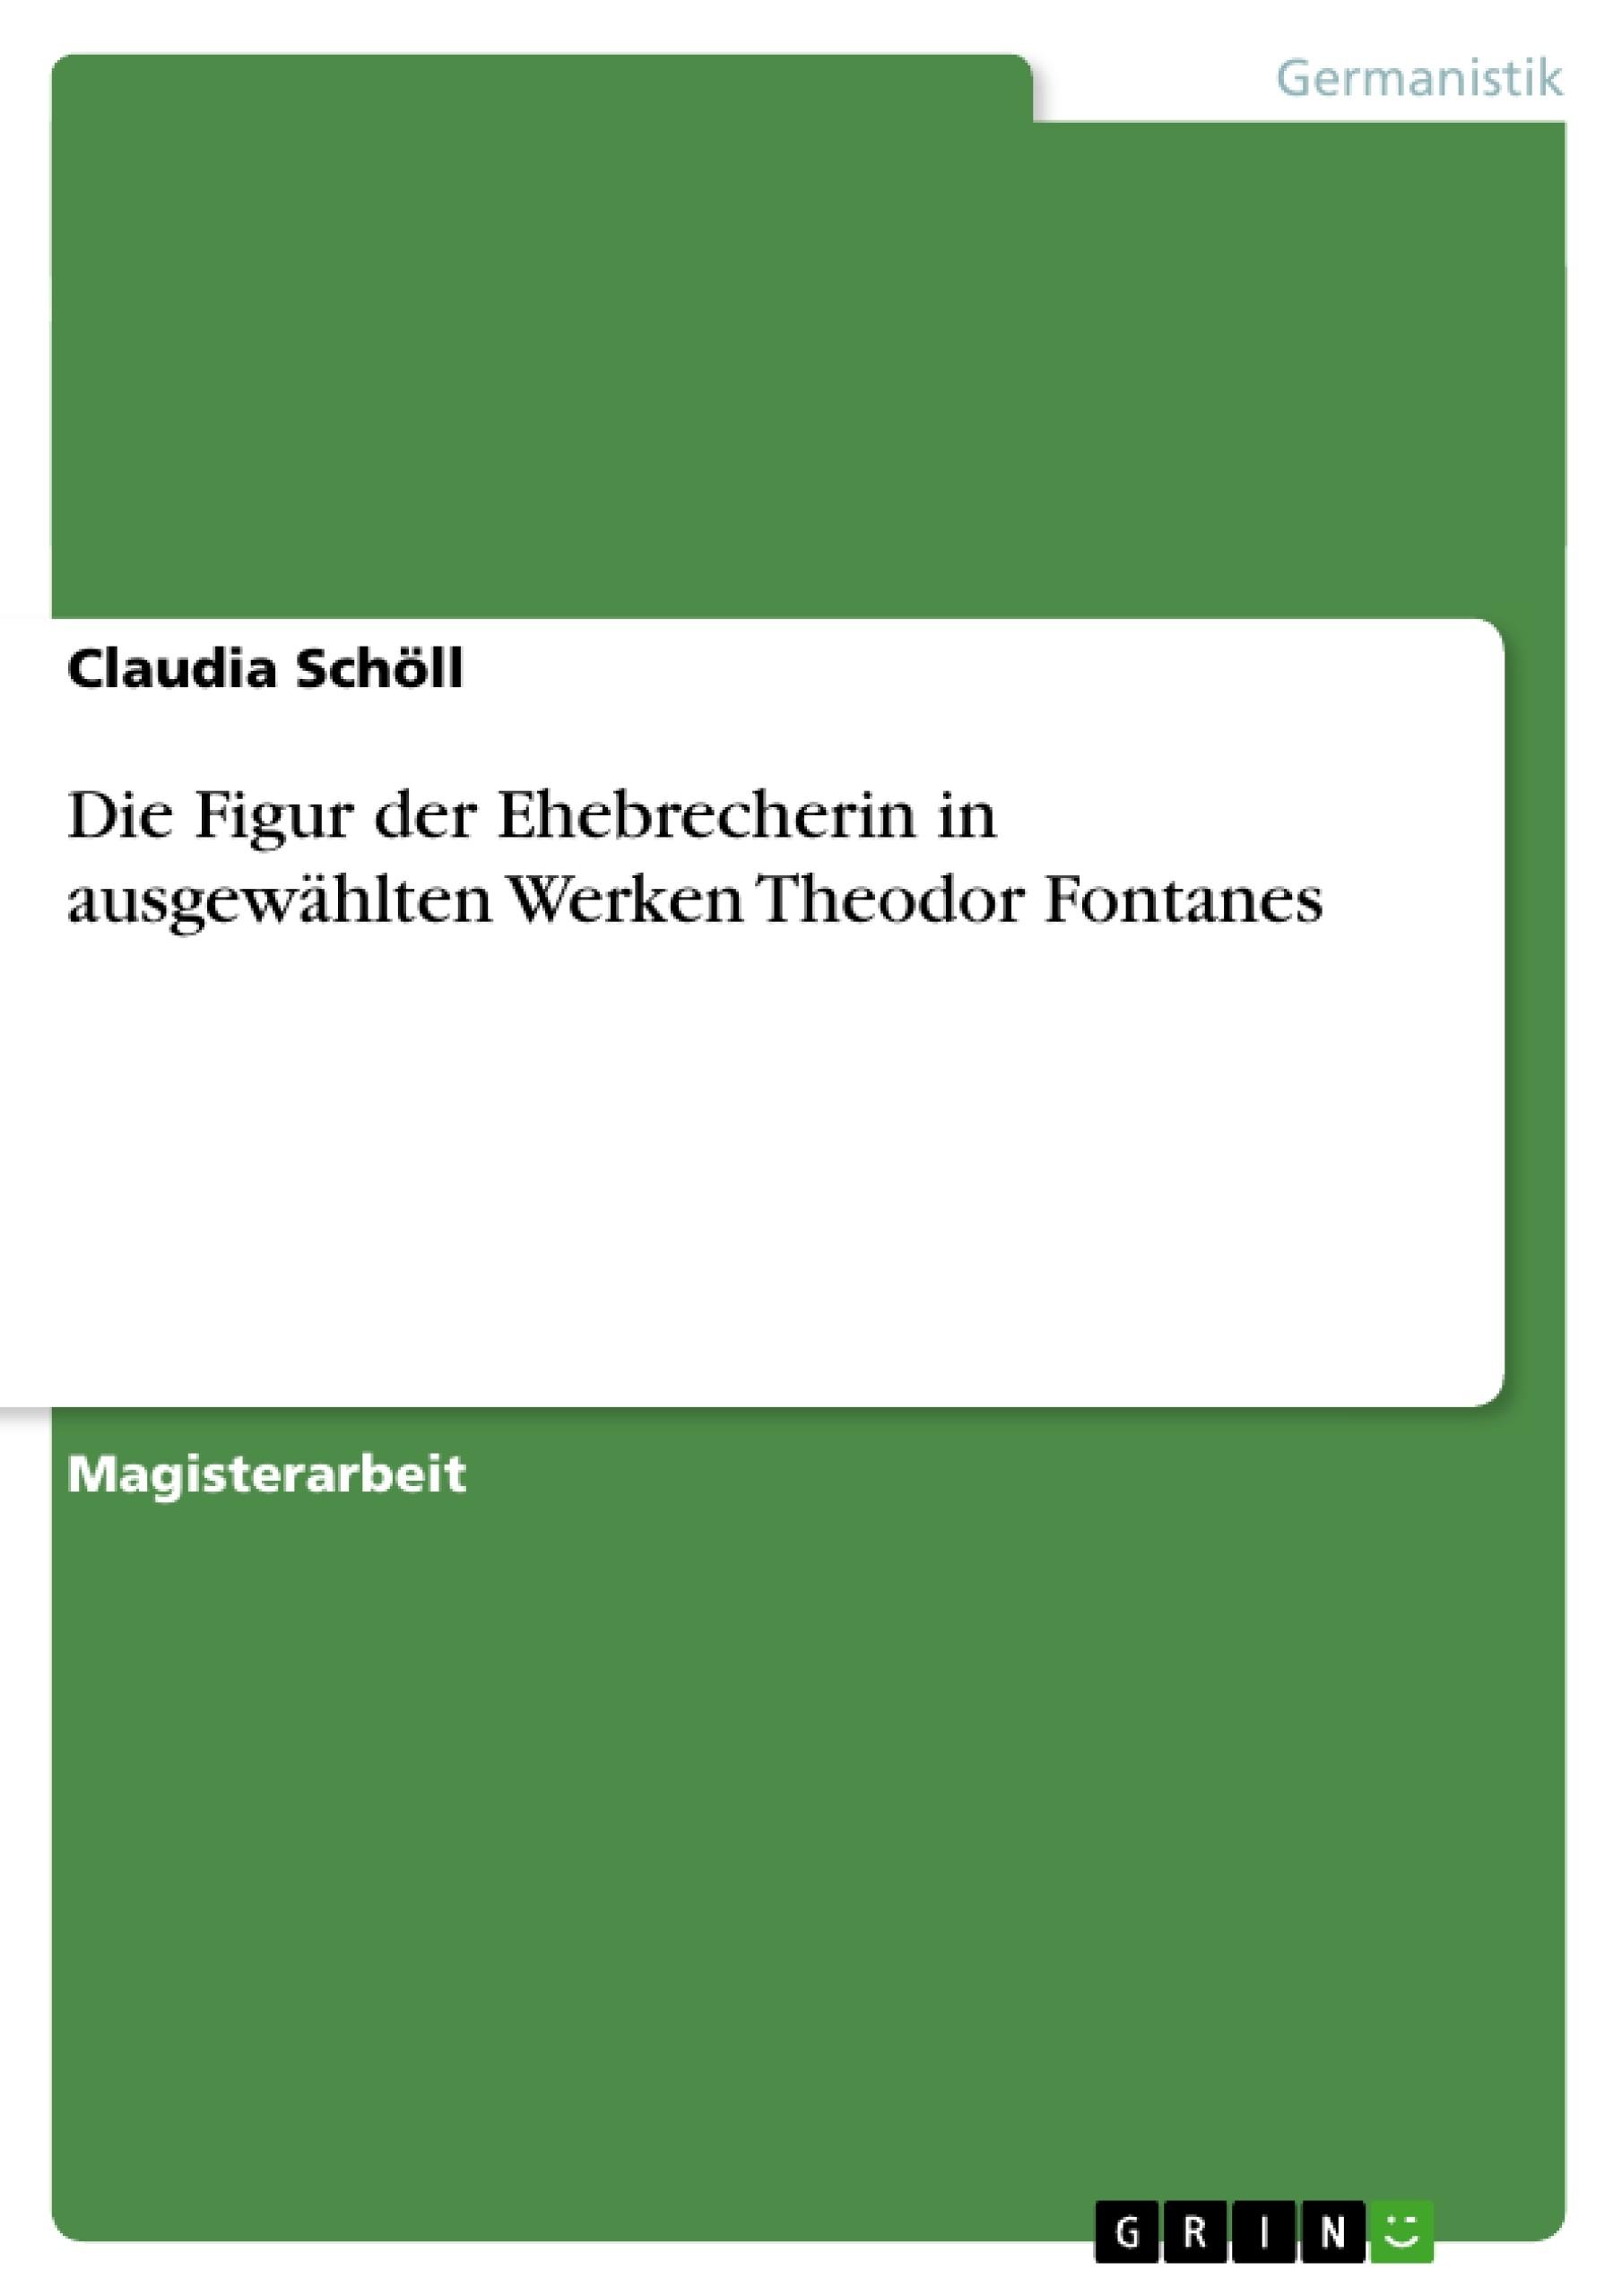 Titel: Die Figur der Ehebrecherin in ausgewählten Werken Theodor Fontanes